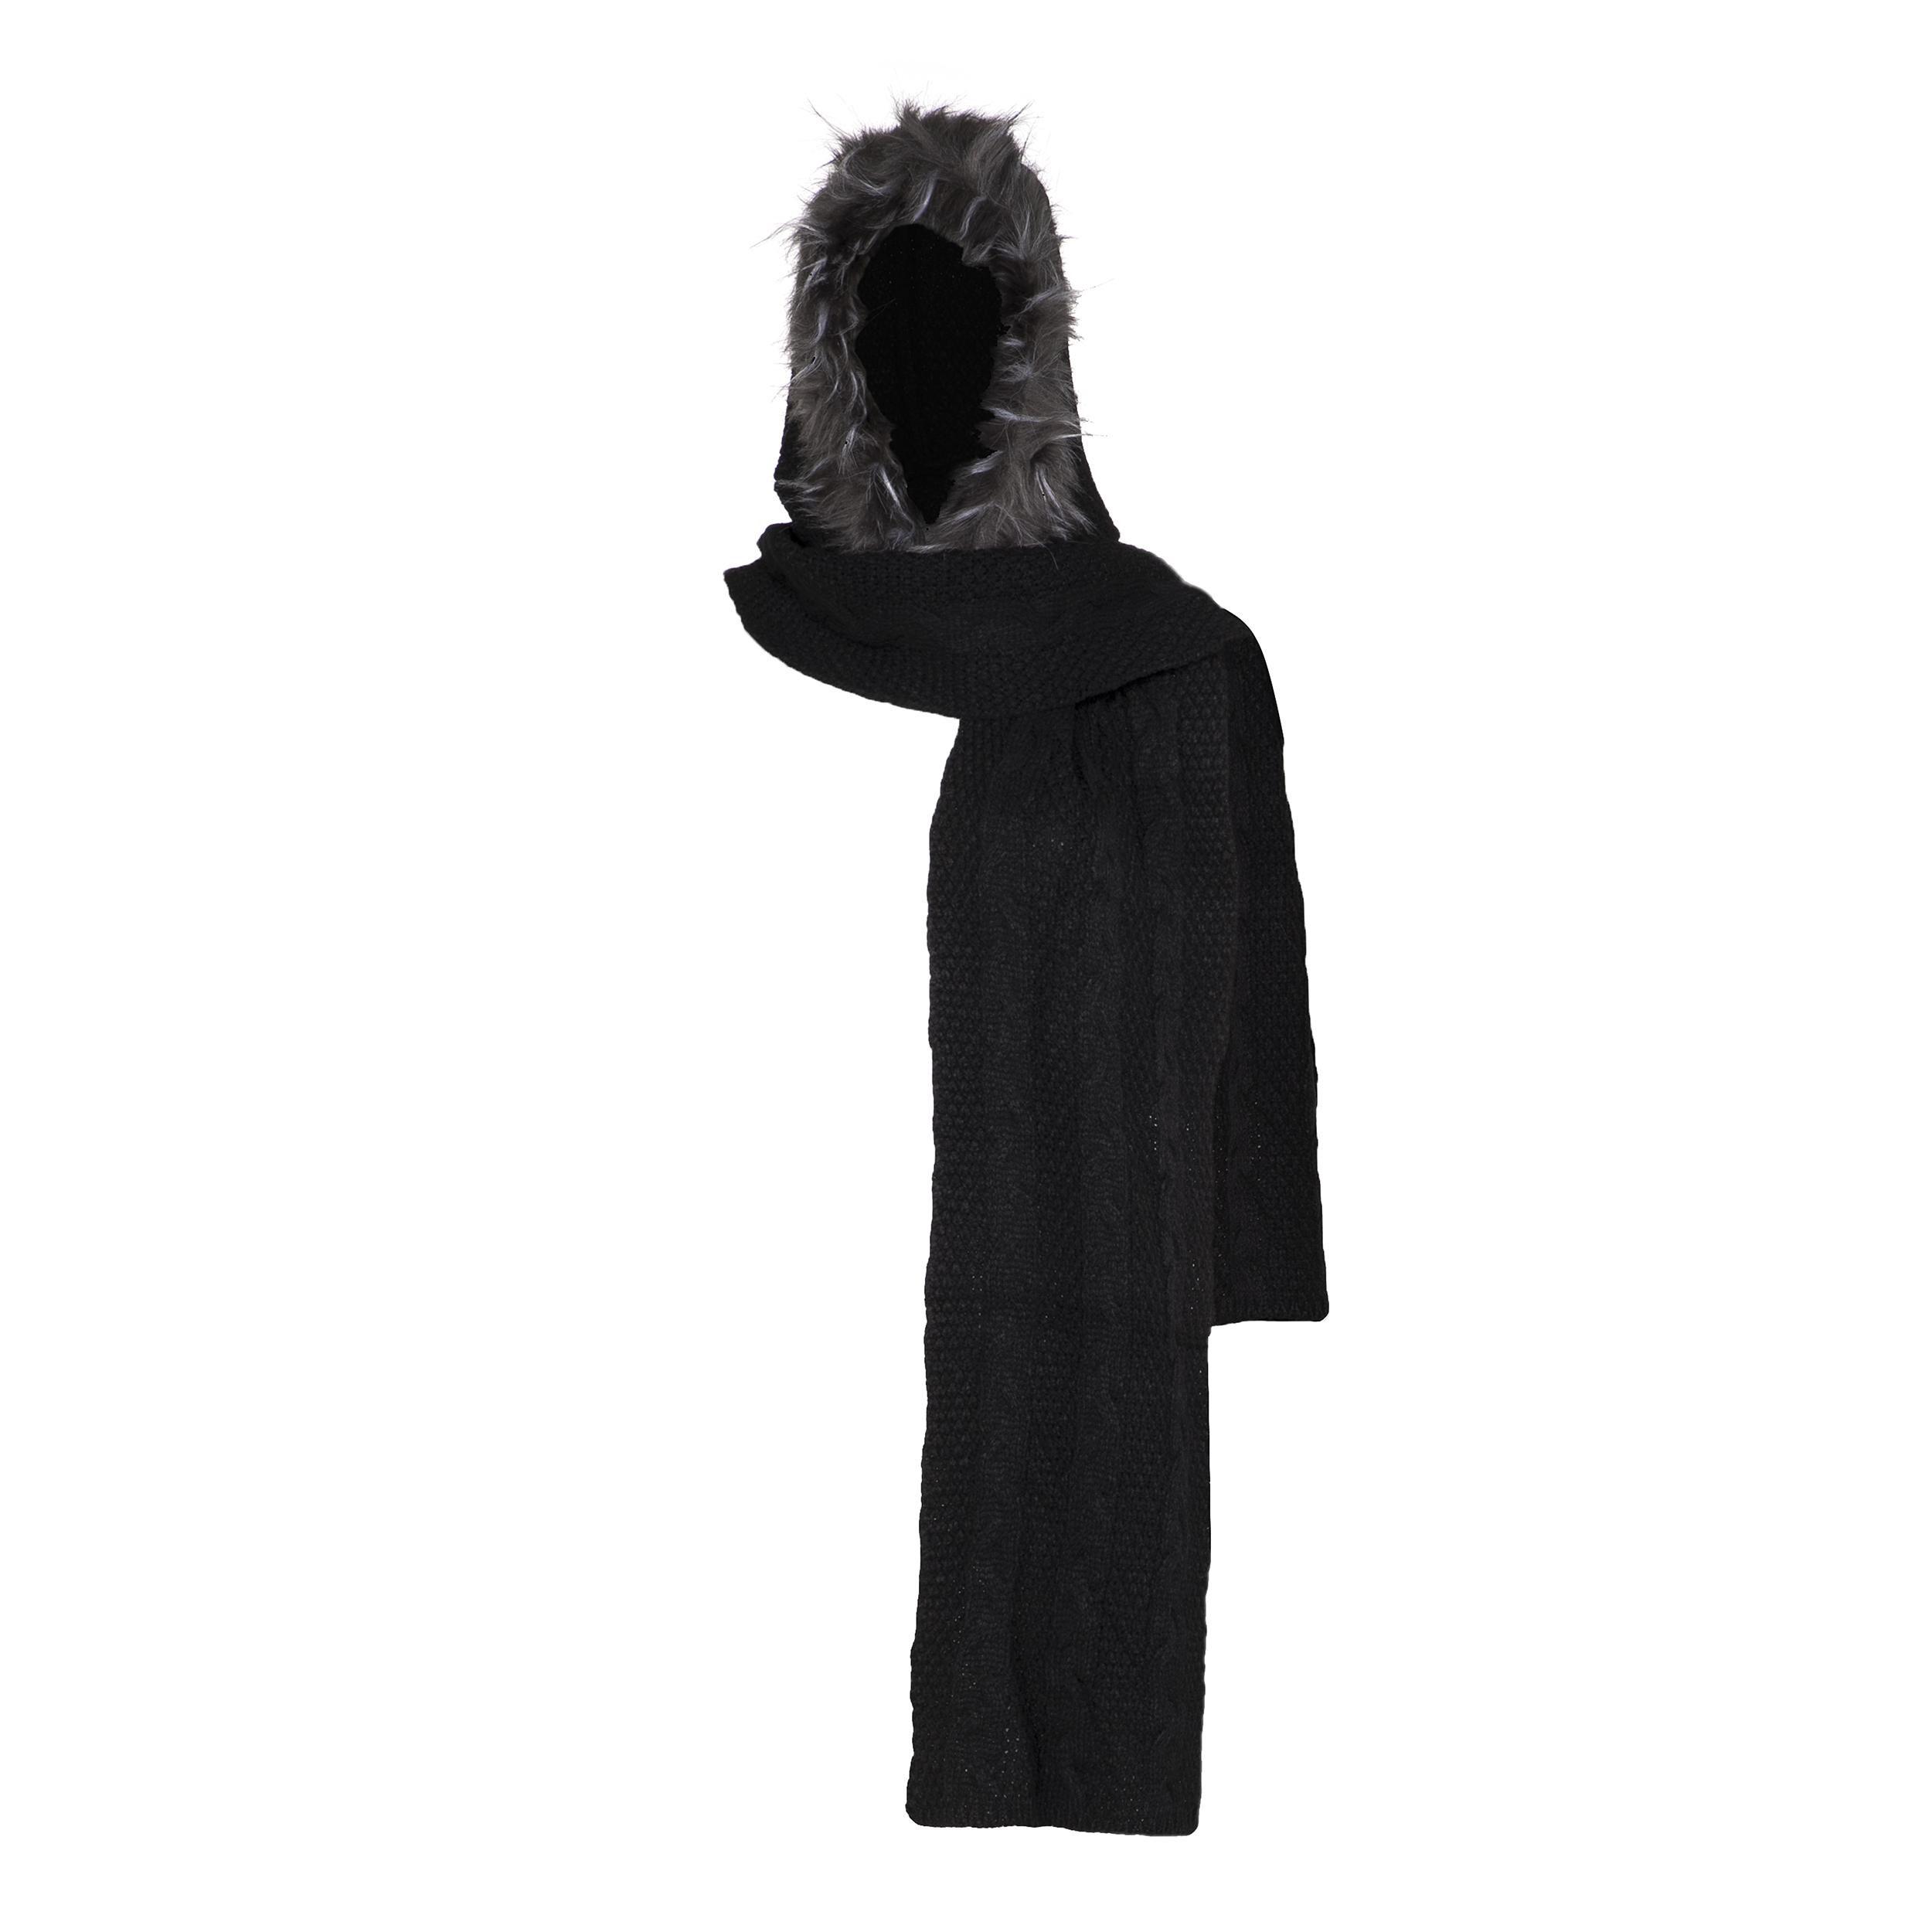 شال گردن بافتنی زنانه رویا مدل 27443-51